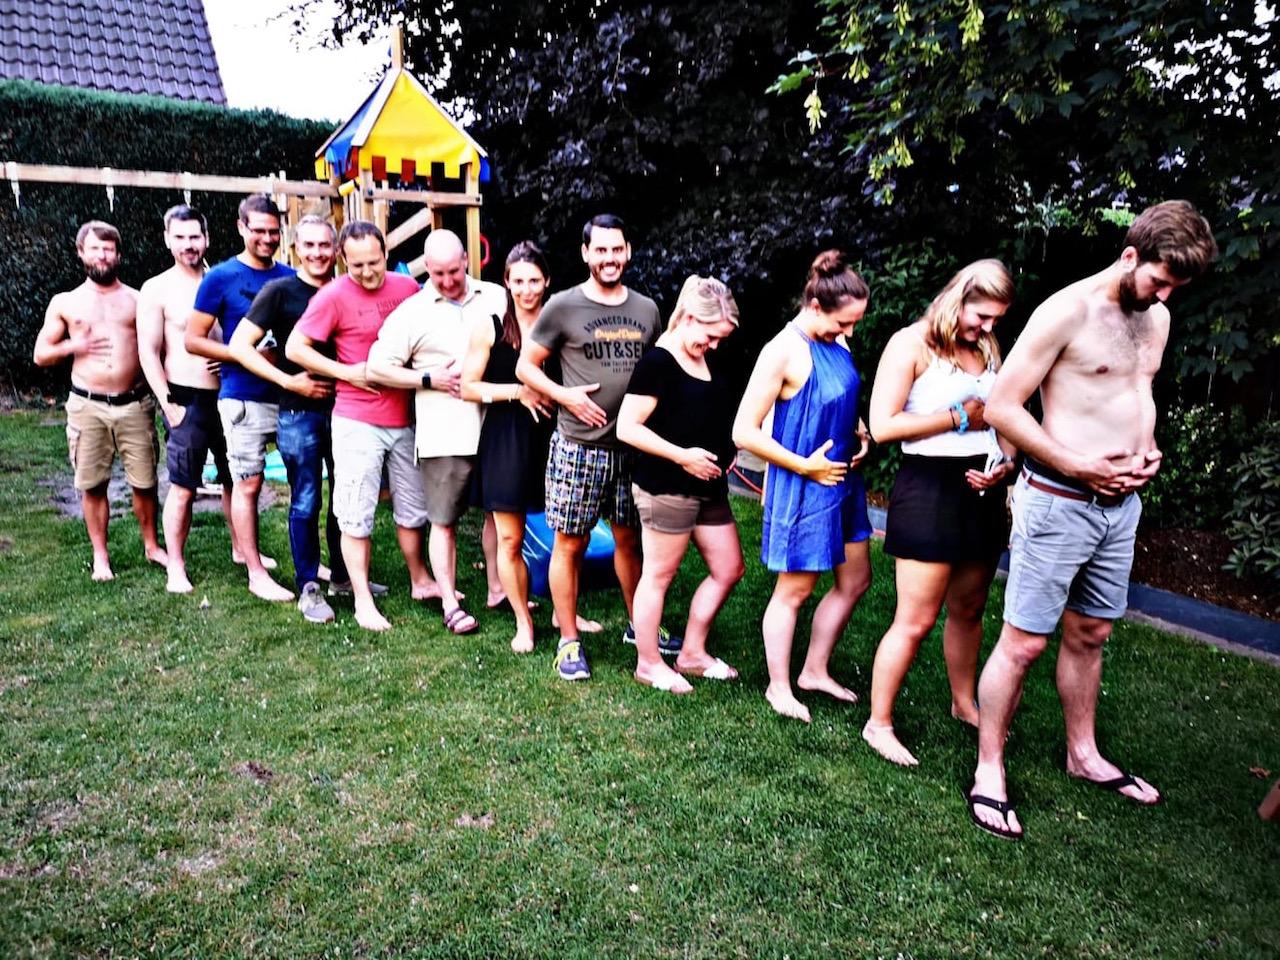 Gruppenbild Bauch voll.jpg